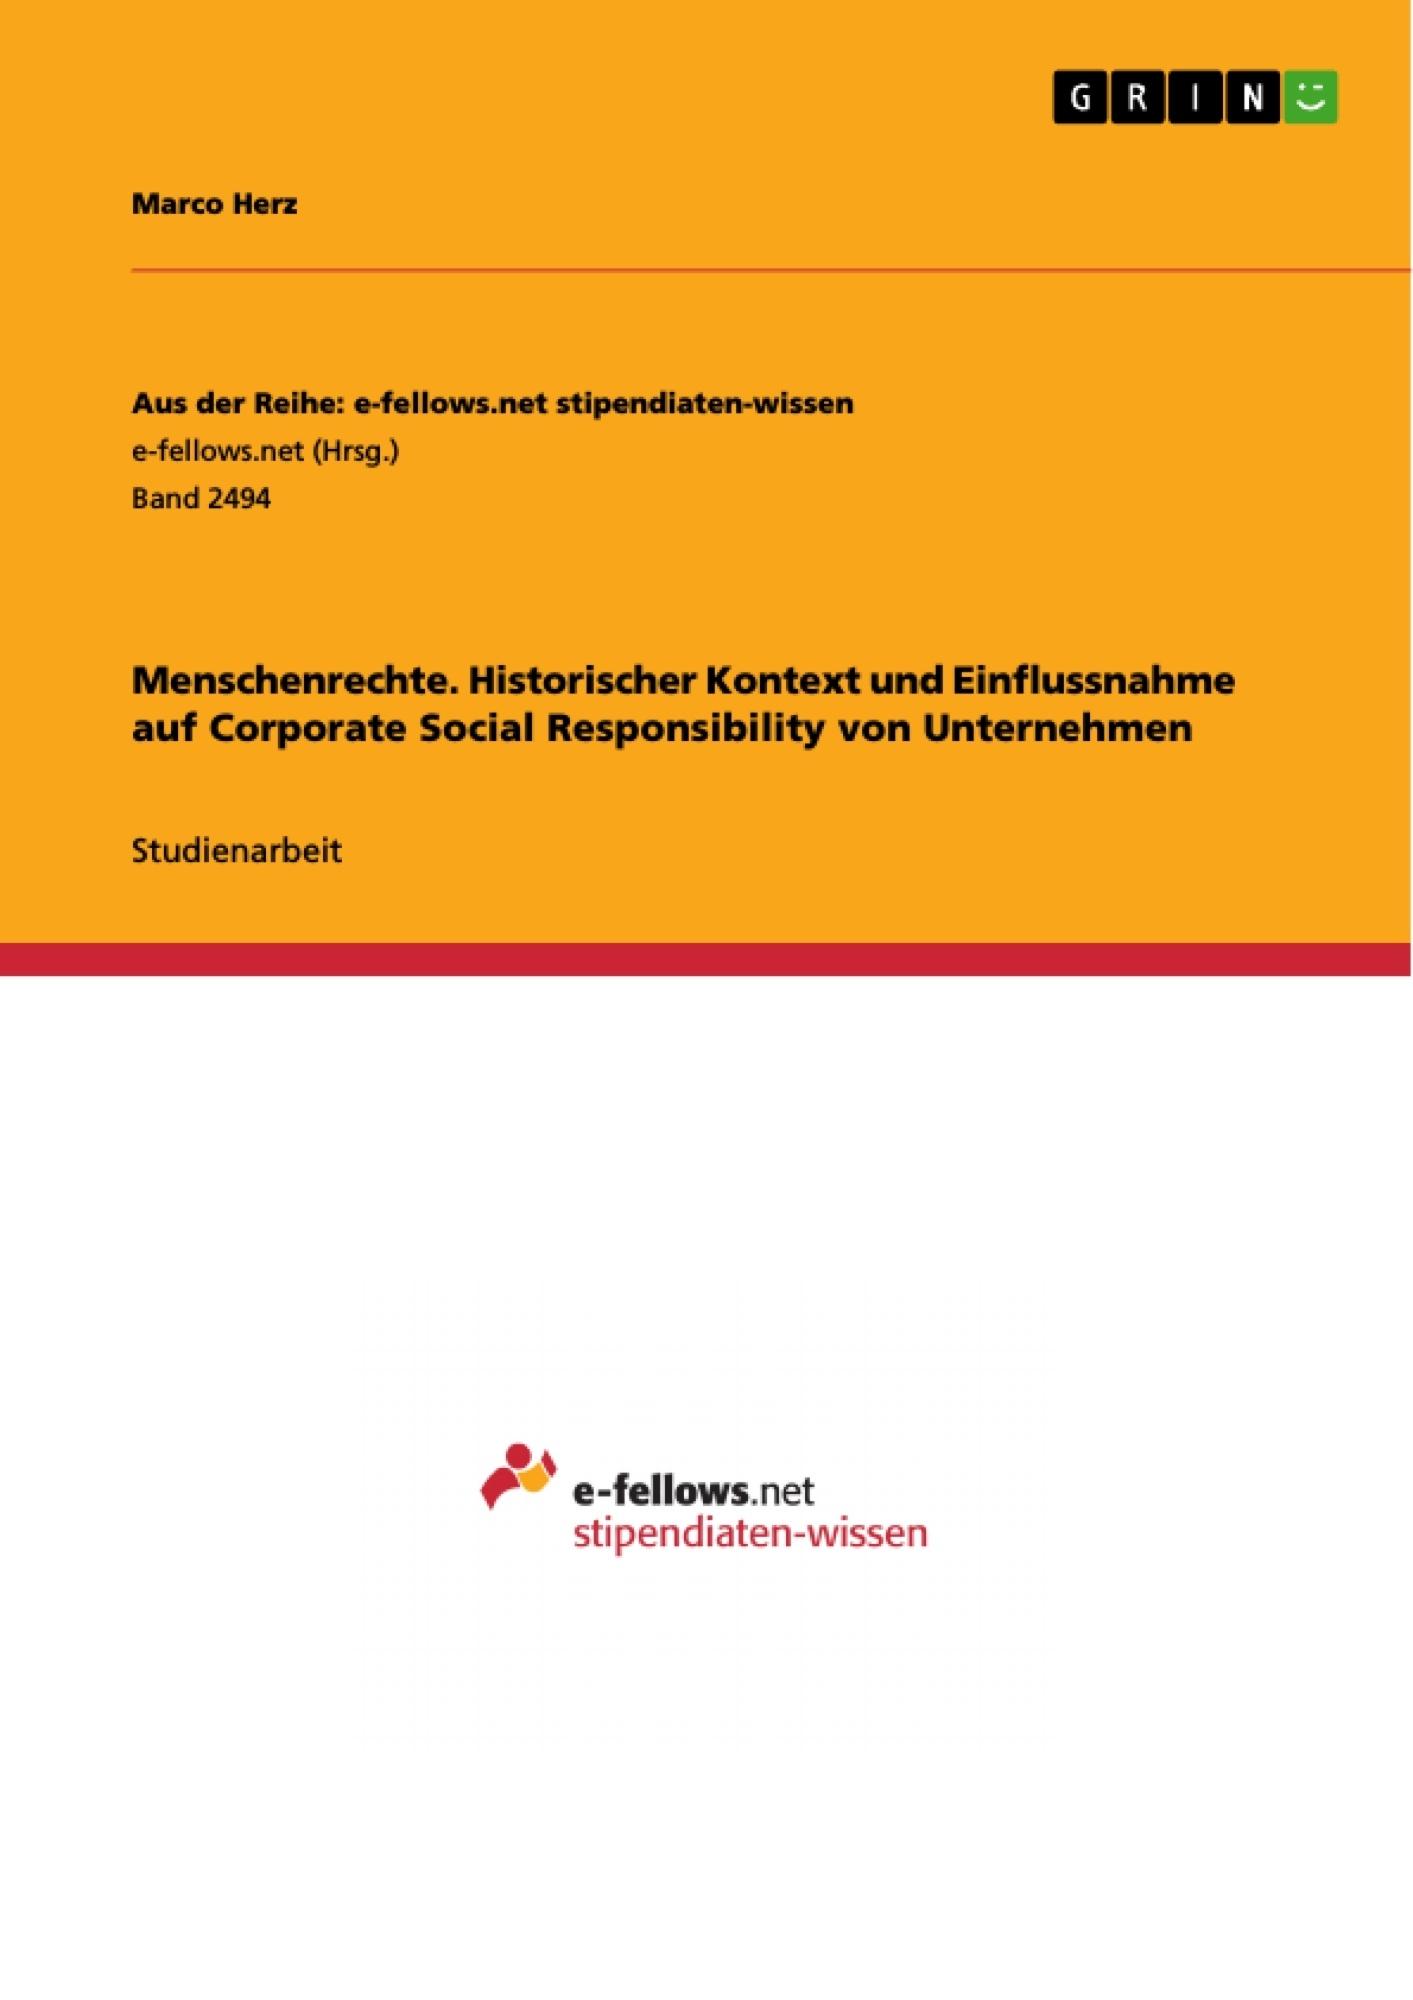 Titel: Menschenrechte. Historischer Kontext und Einflussnahme auf Corporate Social Responsibility von Unternehmen